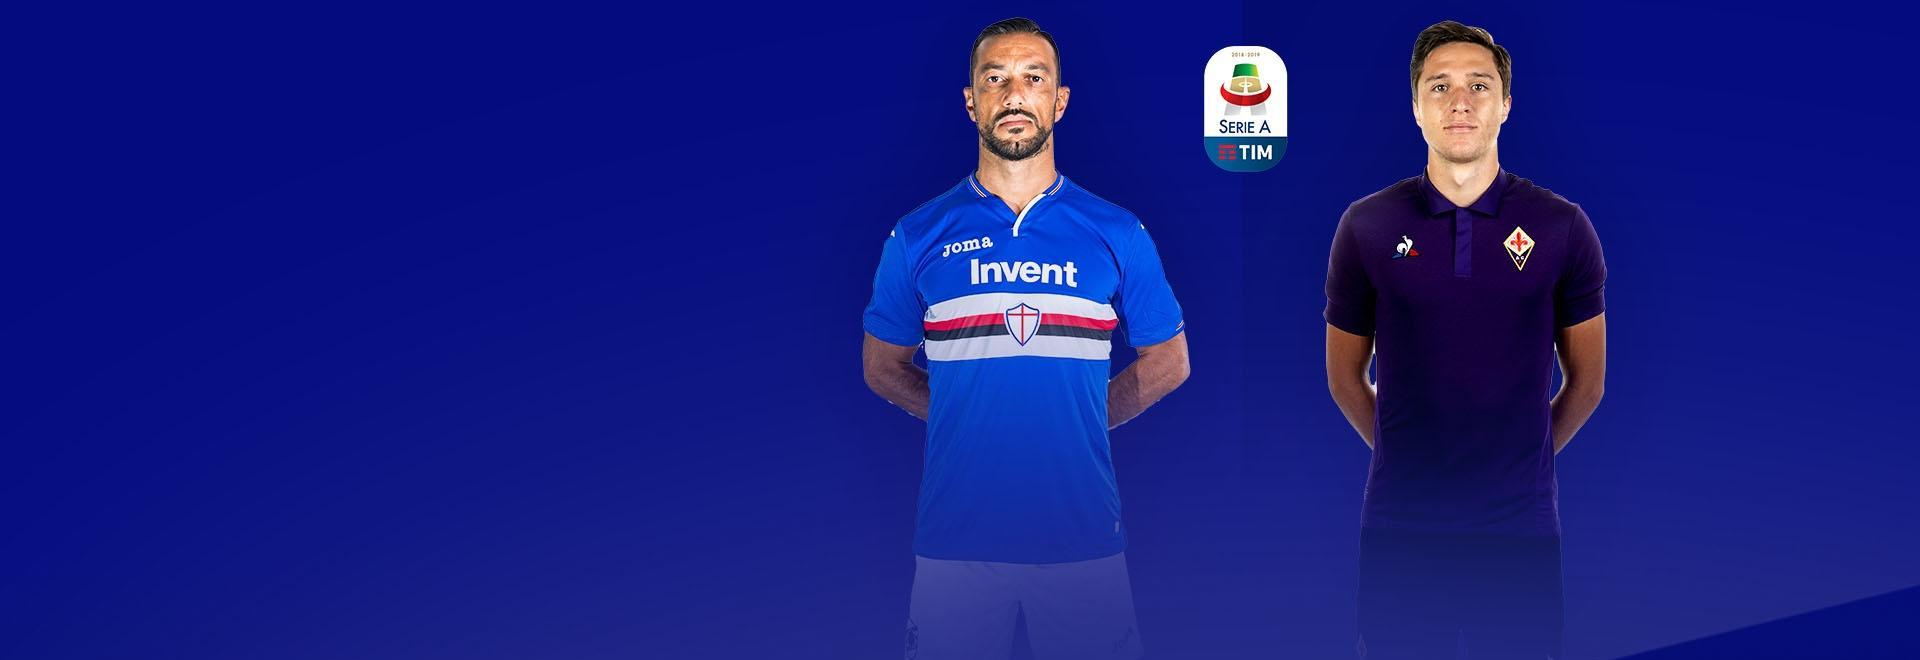 Sampdoria - Fiorentina. 1a g.